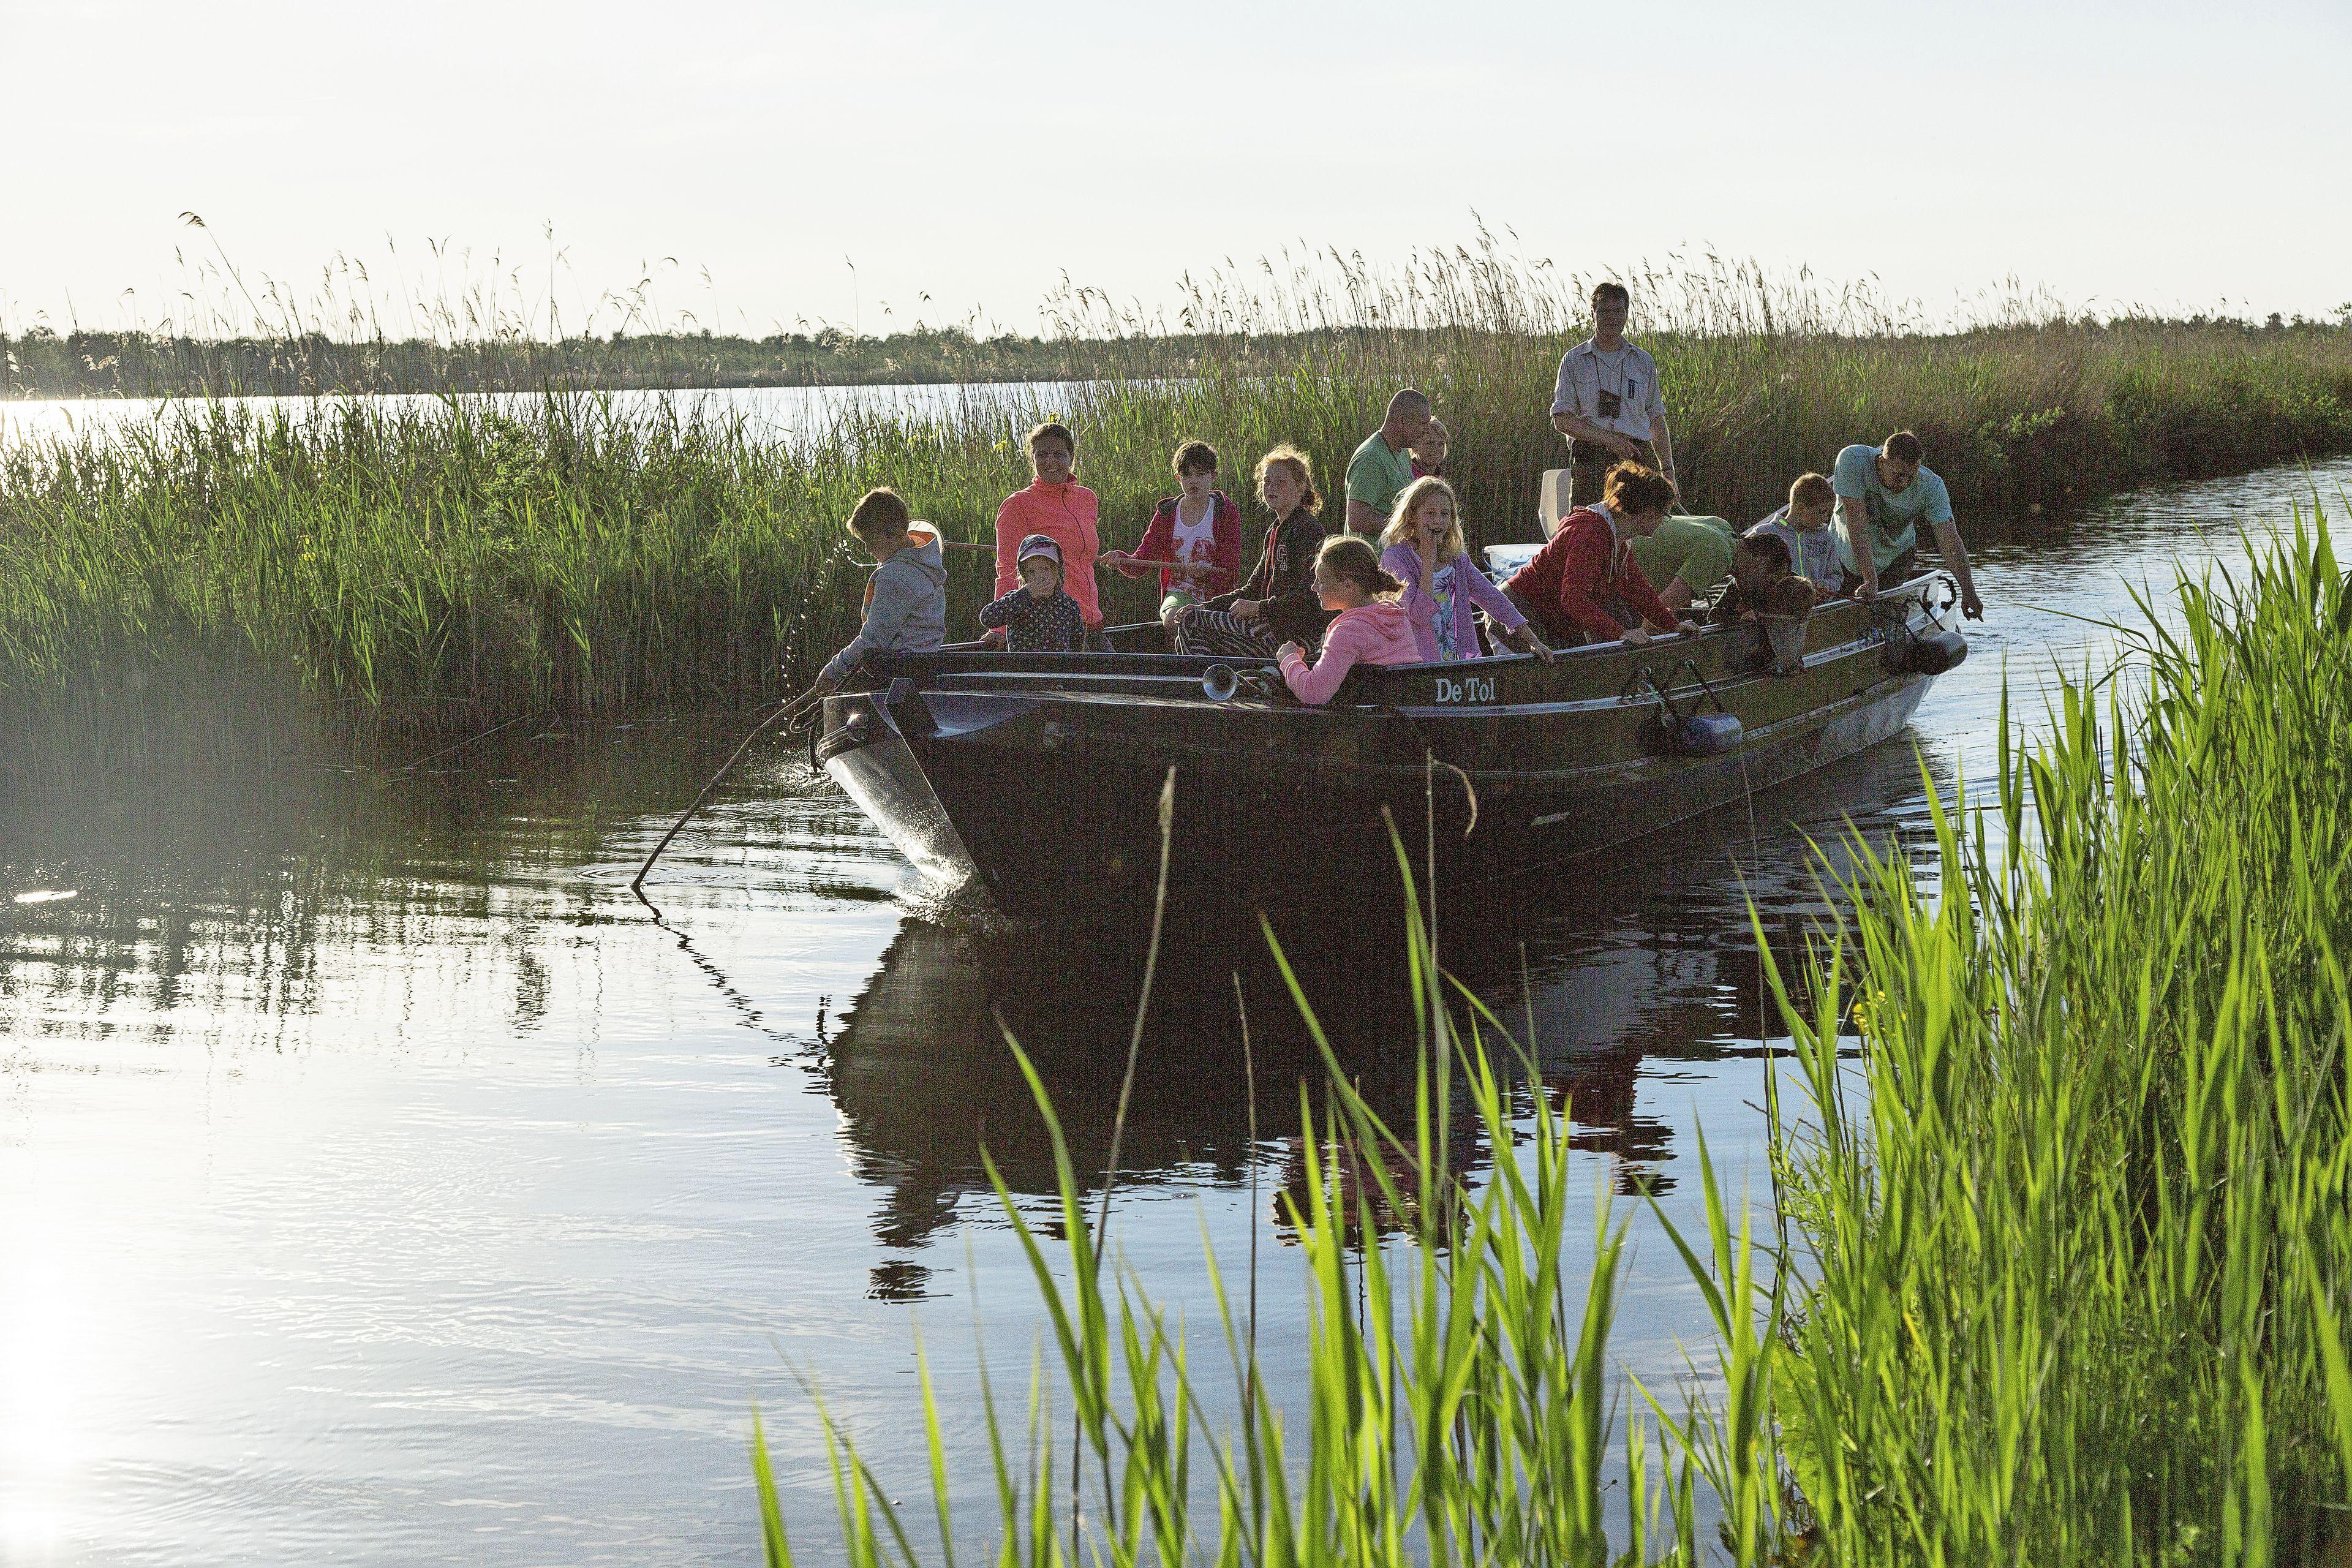 De aalscholverkolonie of historische eendenkooi in het Naardermeer kunnen weer bezocht worden; Natuurmonumenten start vaarexcursies op